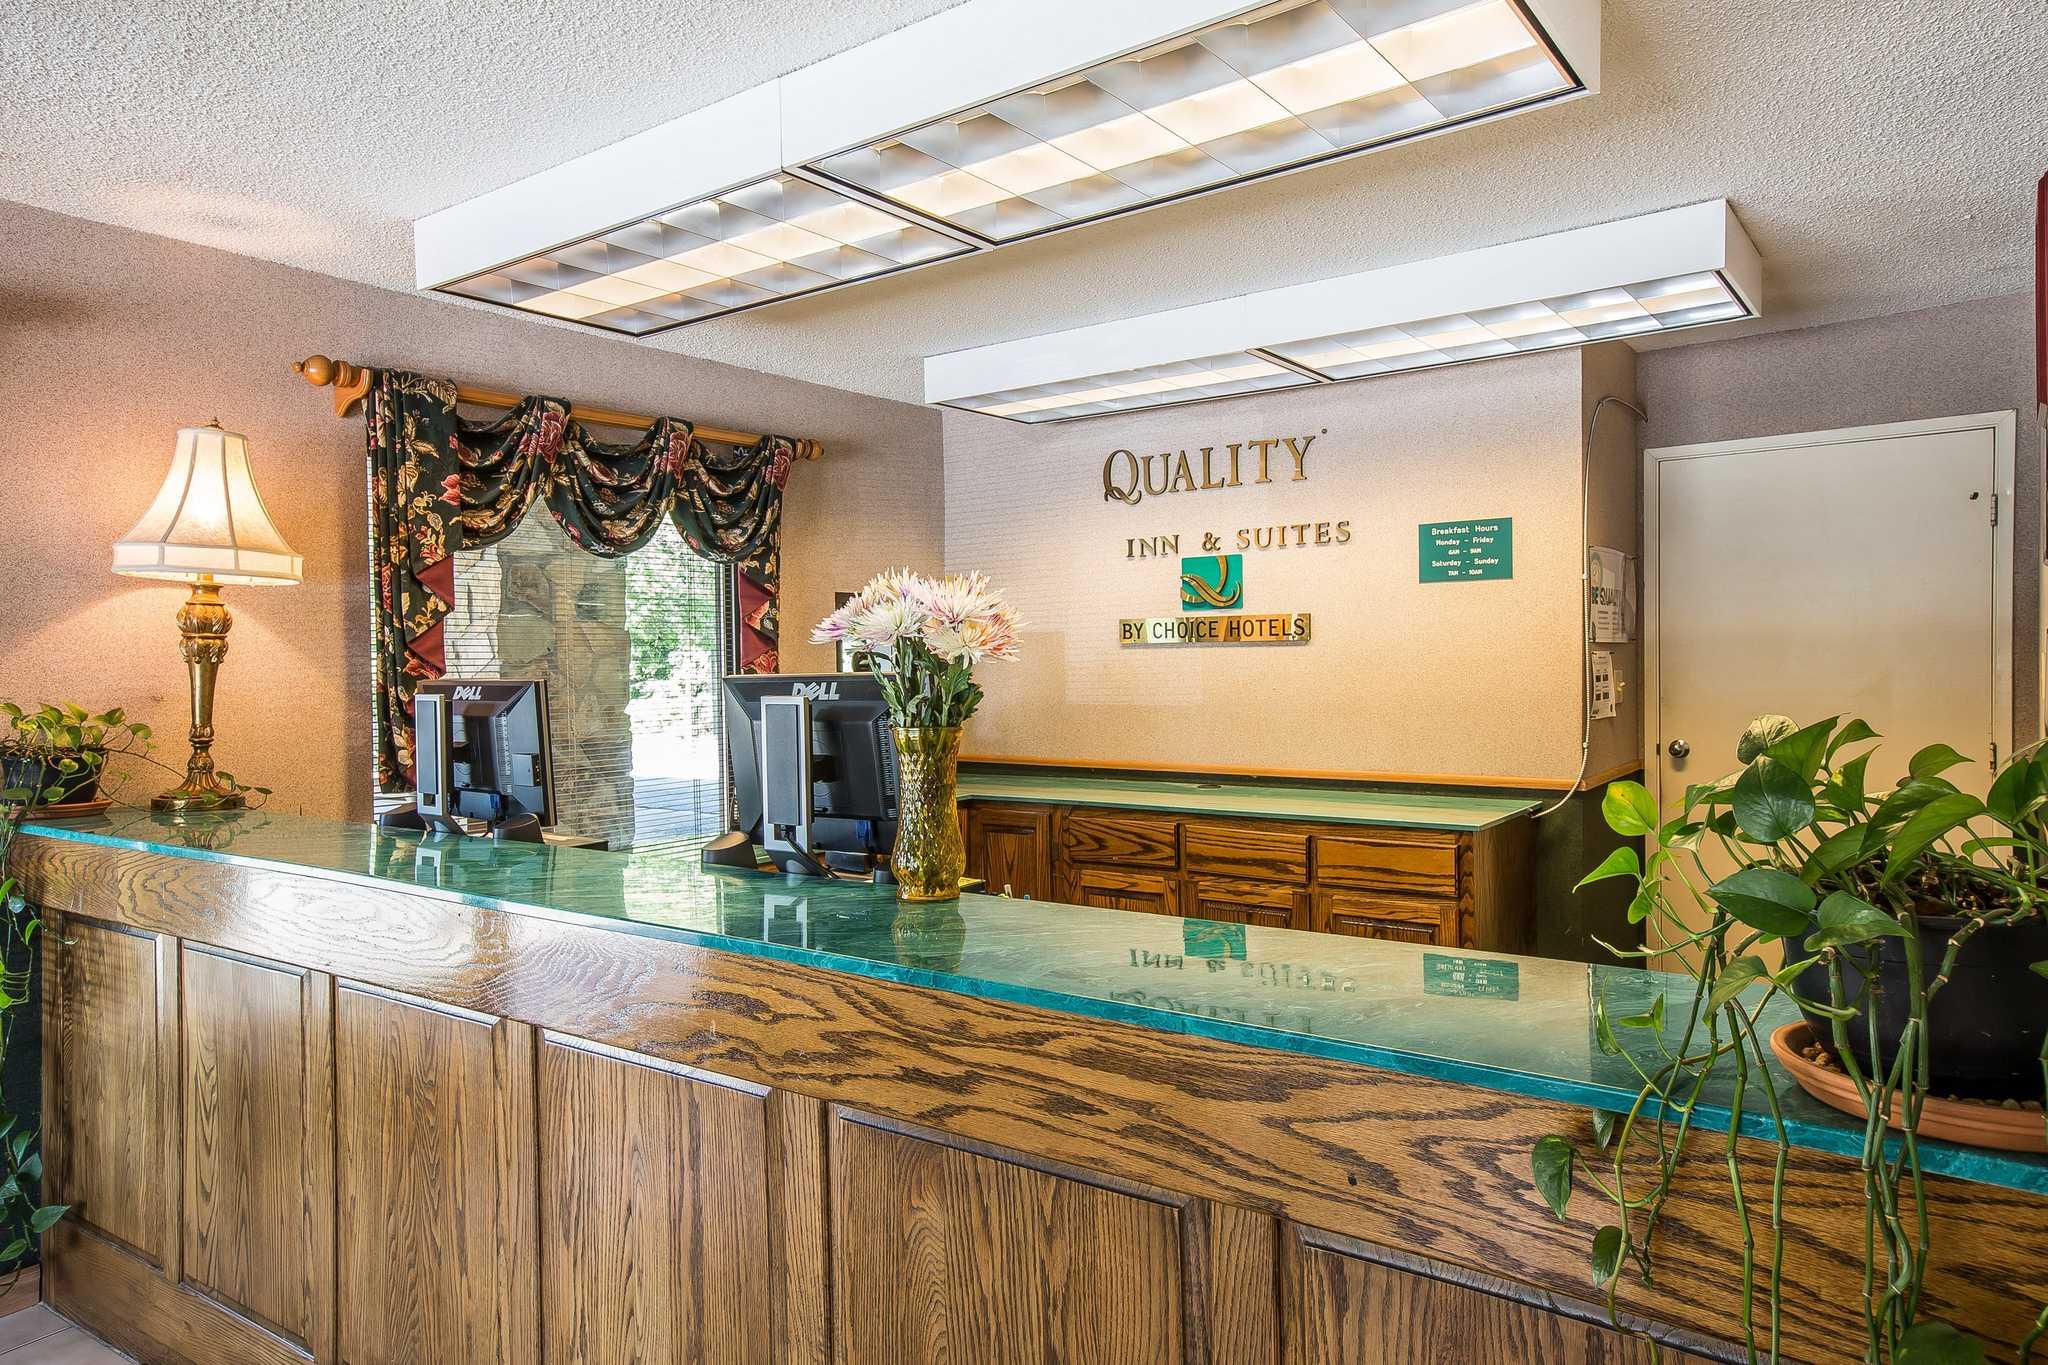 Quality Inn & Suites Mt. Chalet image 12